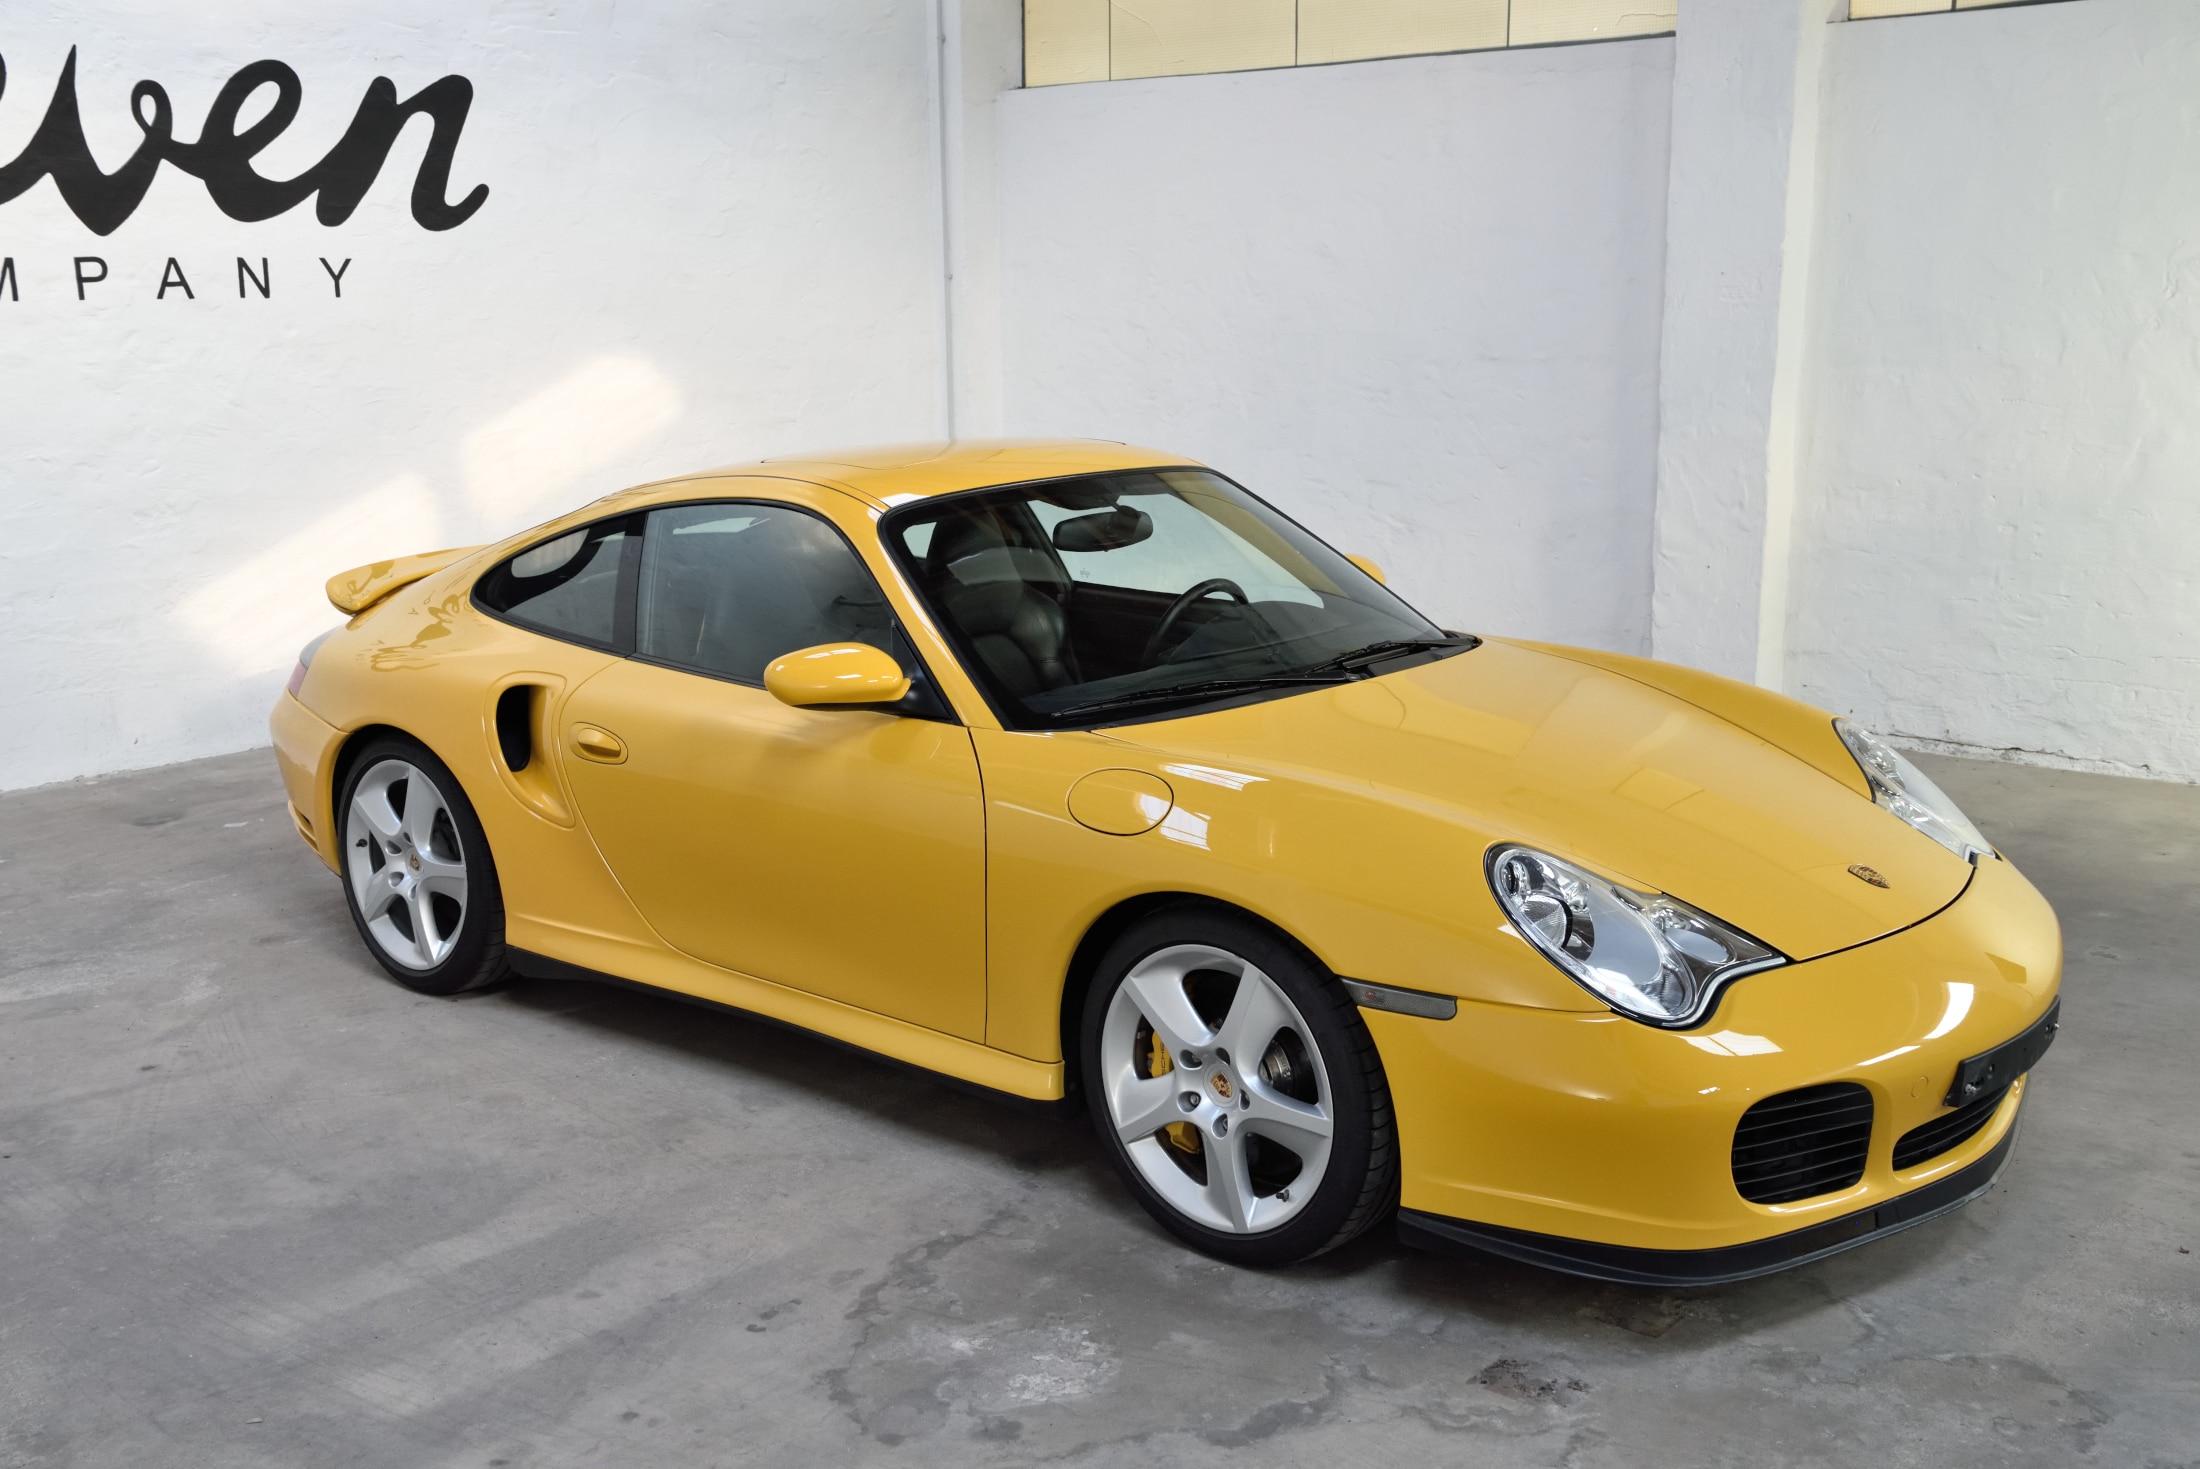 Porsche 996 Turbo WLS 450 PS